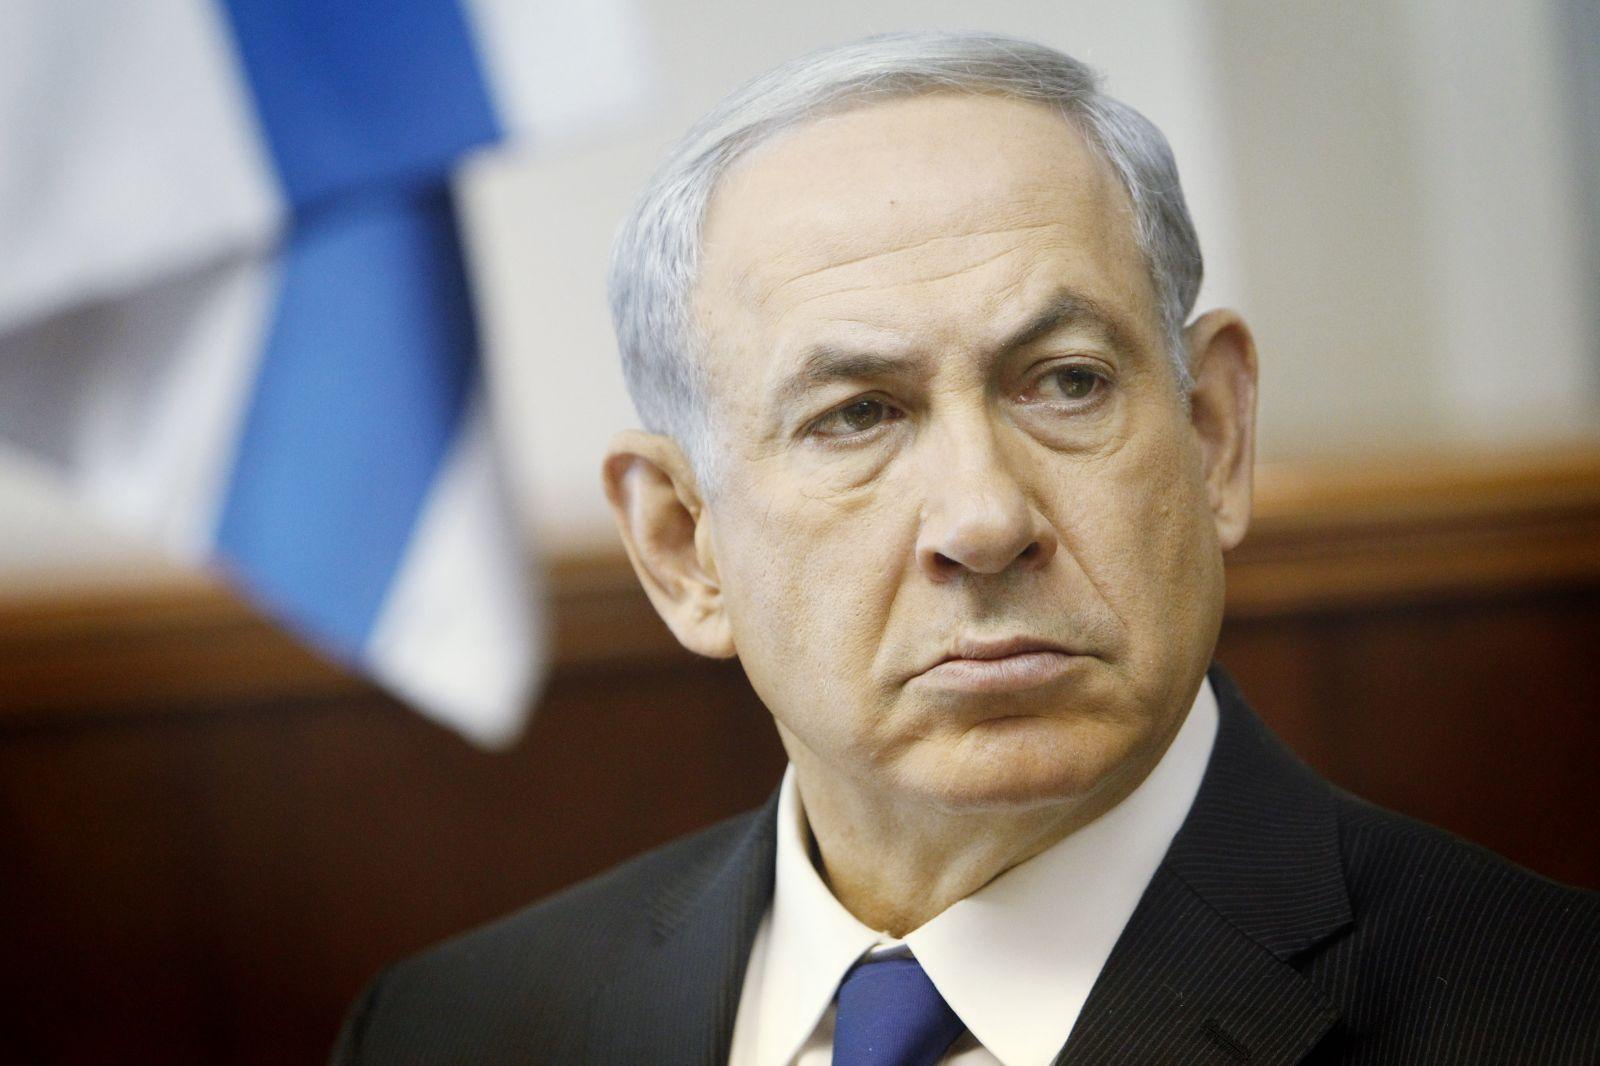 صورة يديعوت: سفير إسرائيل بمصر عاد إلى تل أبيب قبل 3 أشهر بسبب مخاوف أمنية